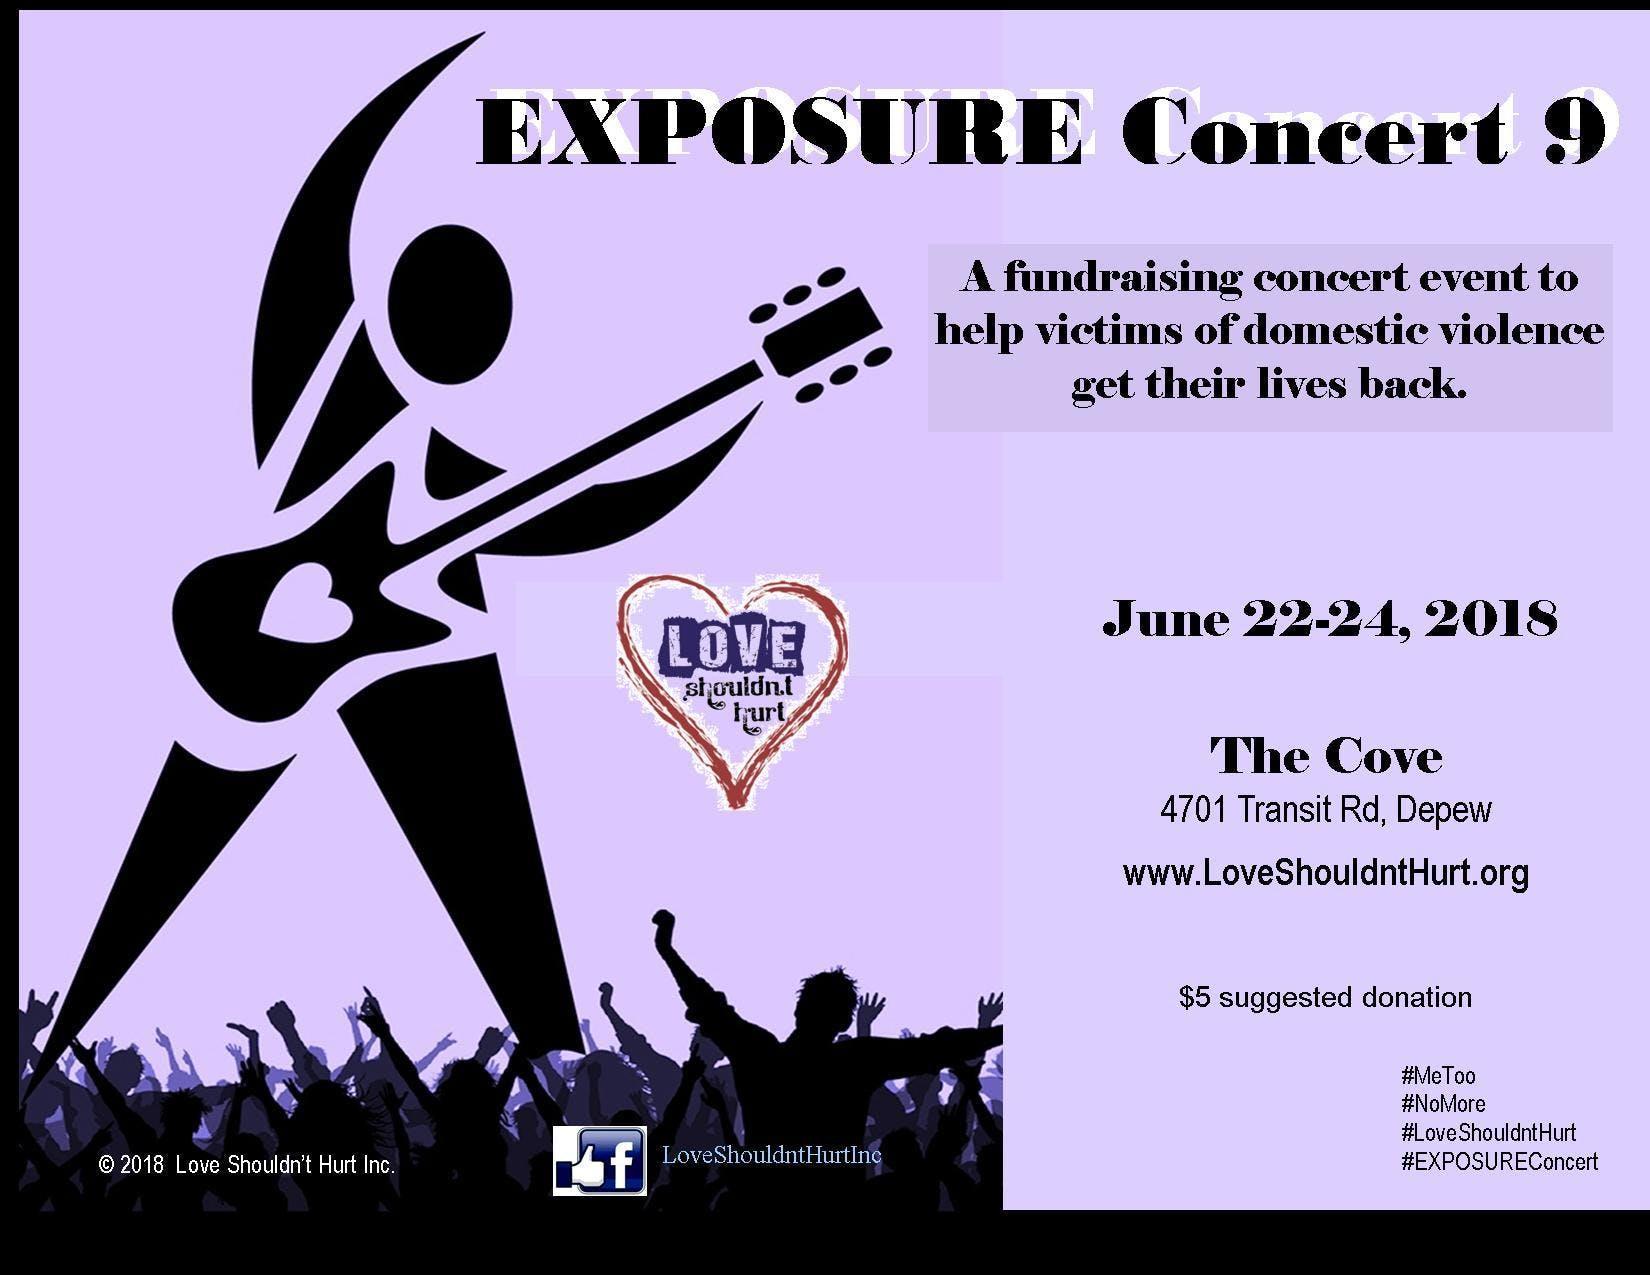 9th Annual EXPOSURE Concert